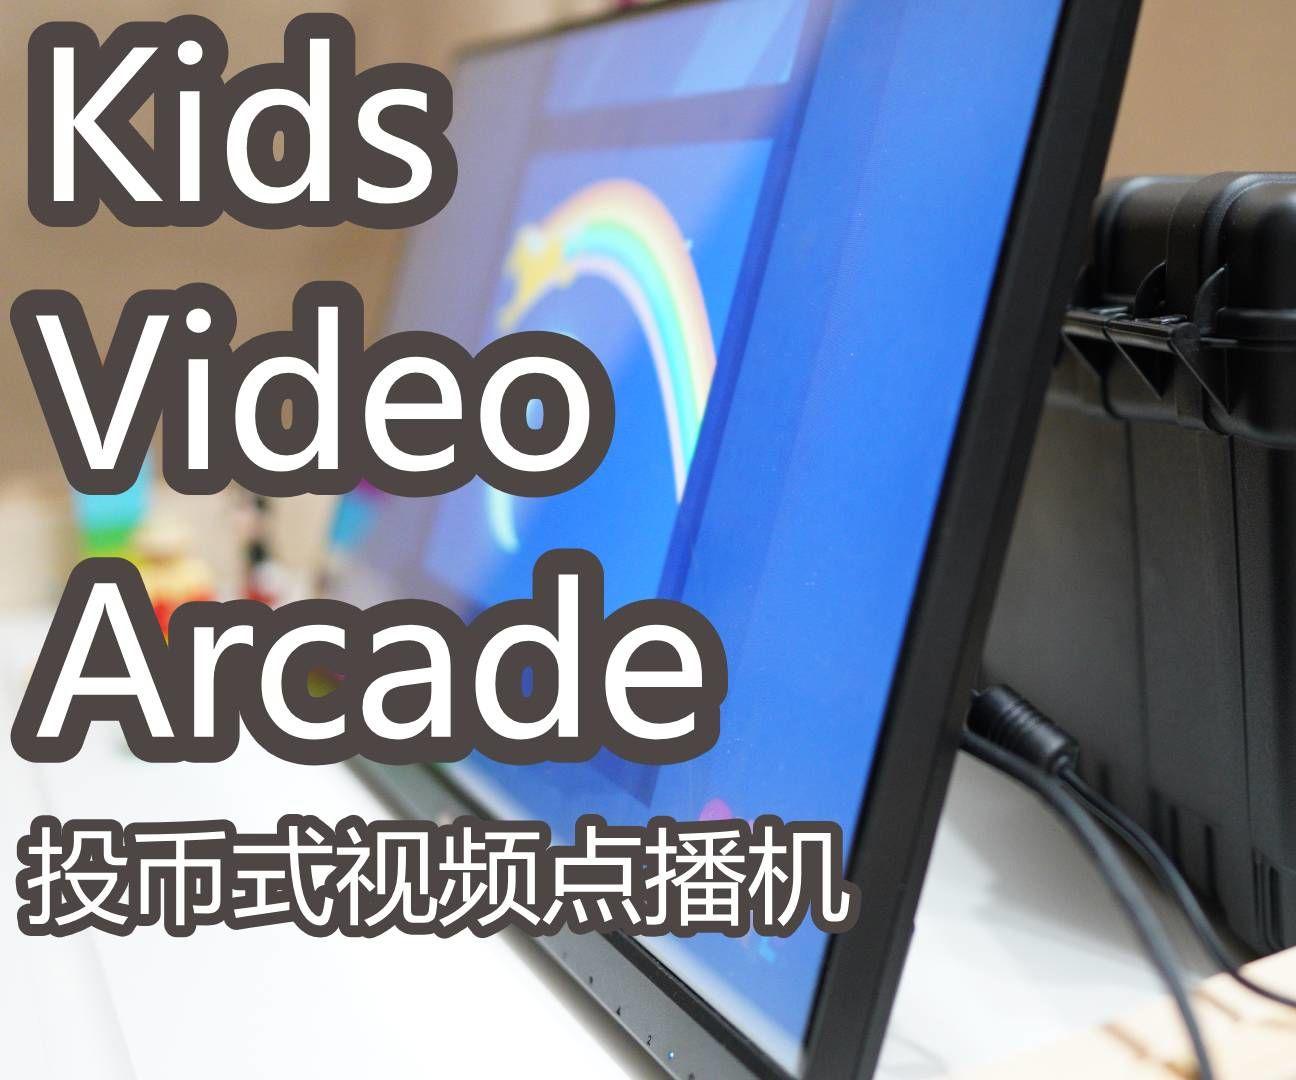 Kids Video Arcade